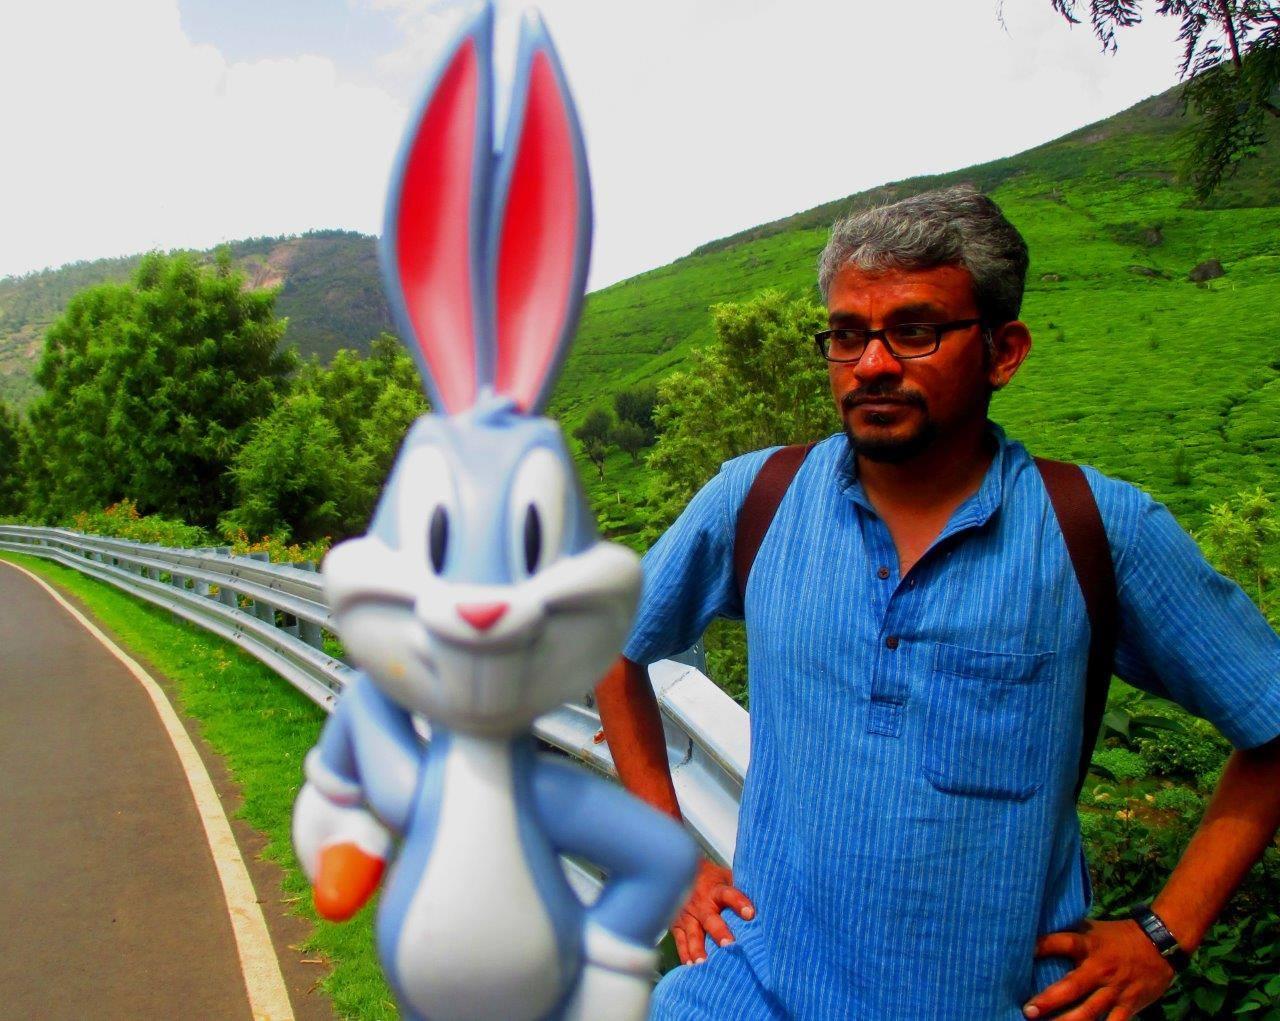 Bugs bunny meets a stranger